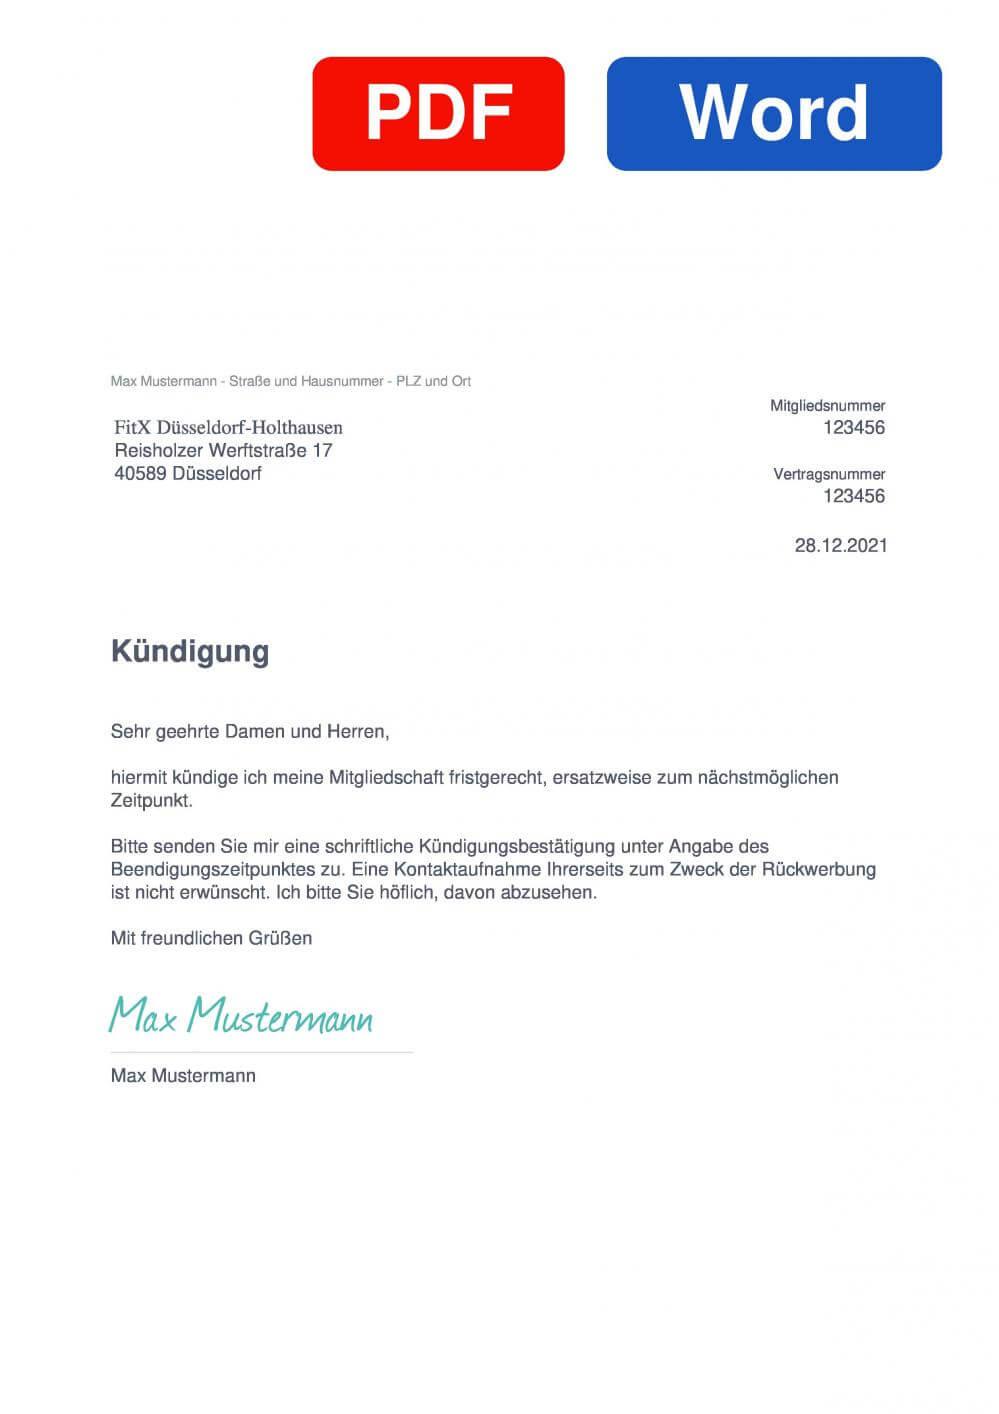 FitX Holthausen Muster Vorlage für Kündigungsschreiben